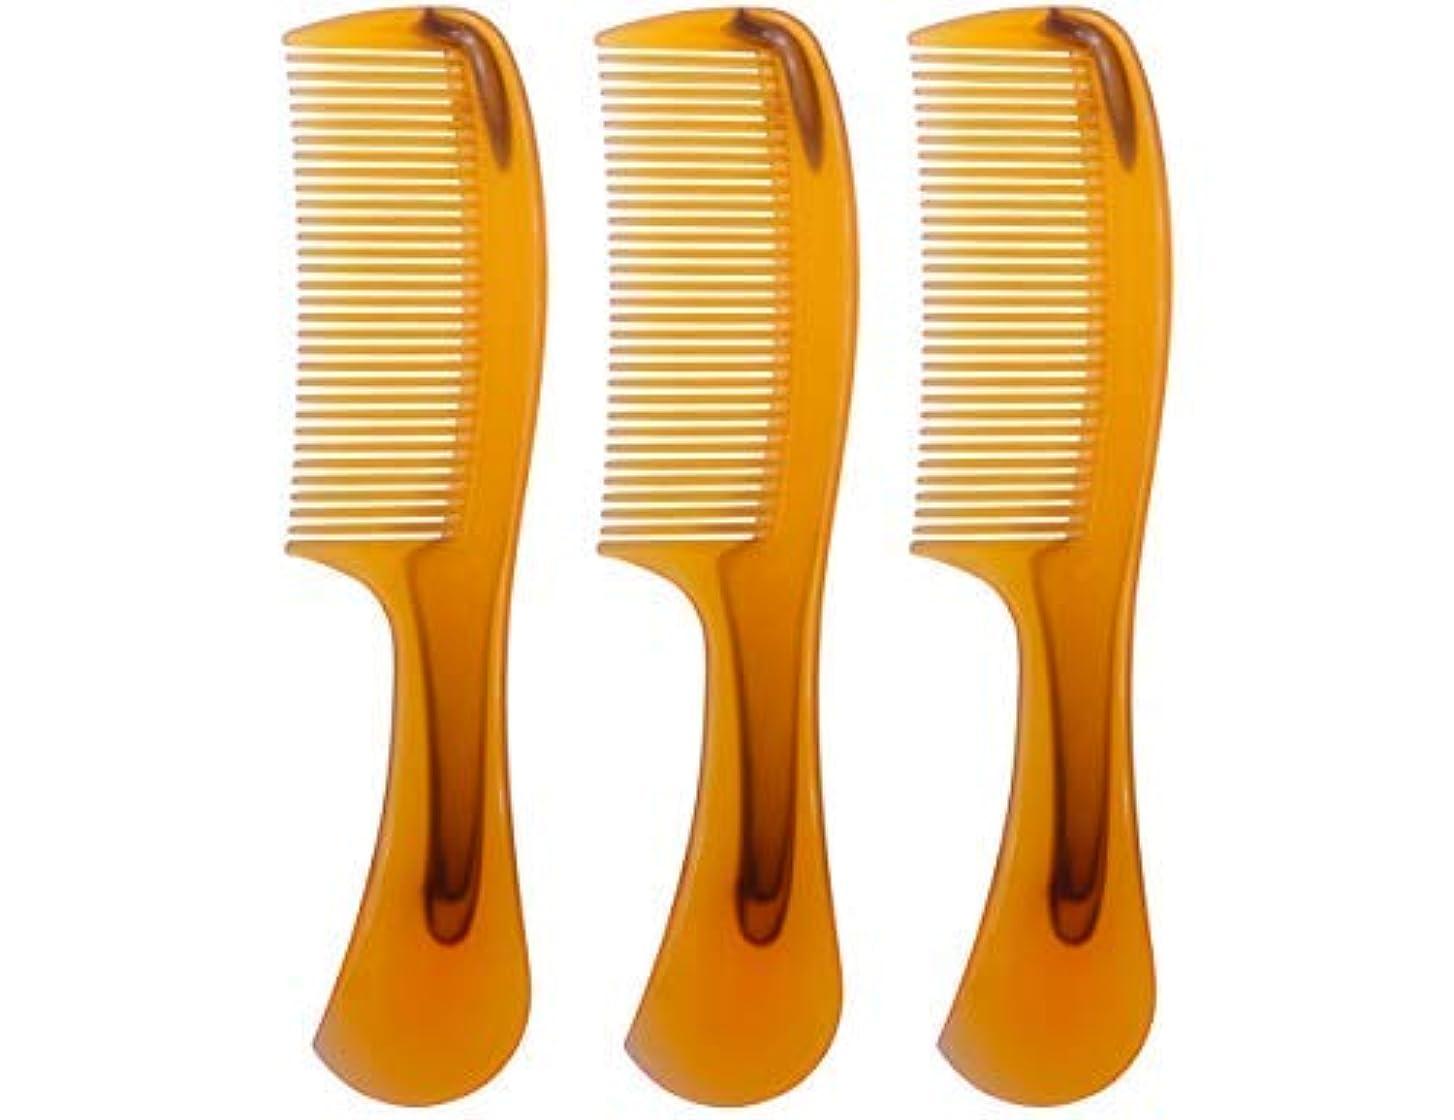 実験をするタブレットズボンLBY 3pcs 16 cm Hair Comb Round Handle Comb Hair Care Comb Plastic Yellow [並行輸入品]